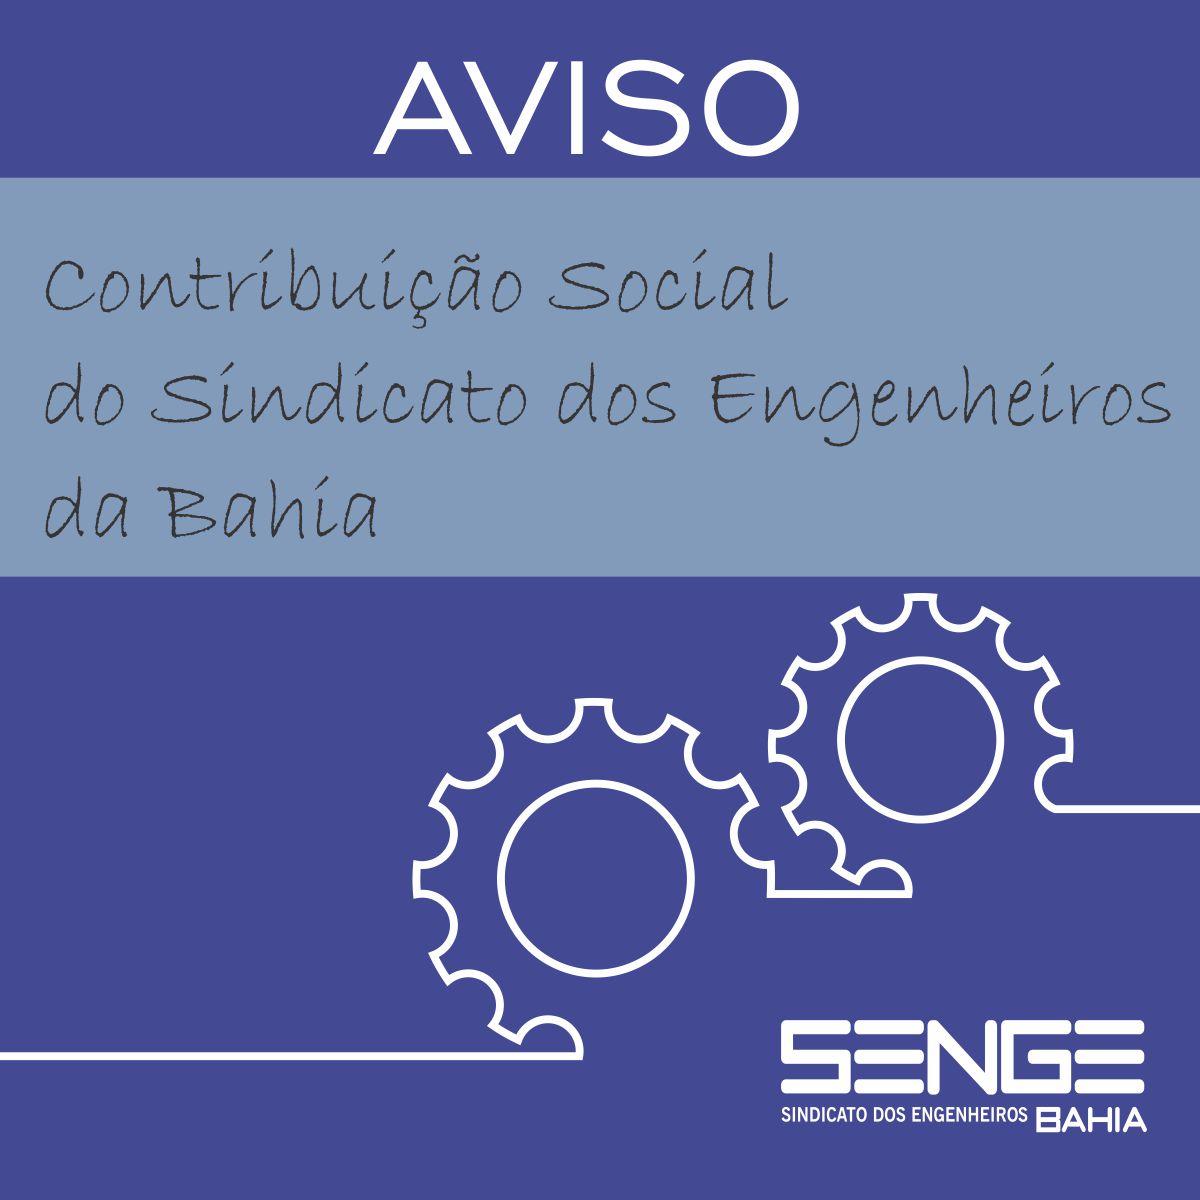 Aviso da Contribuição Social do Sindicato dos Engenheiros da Bahia